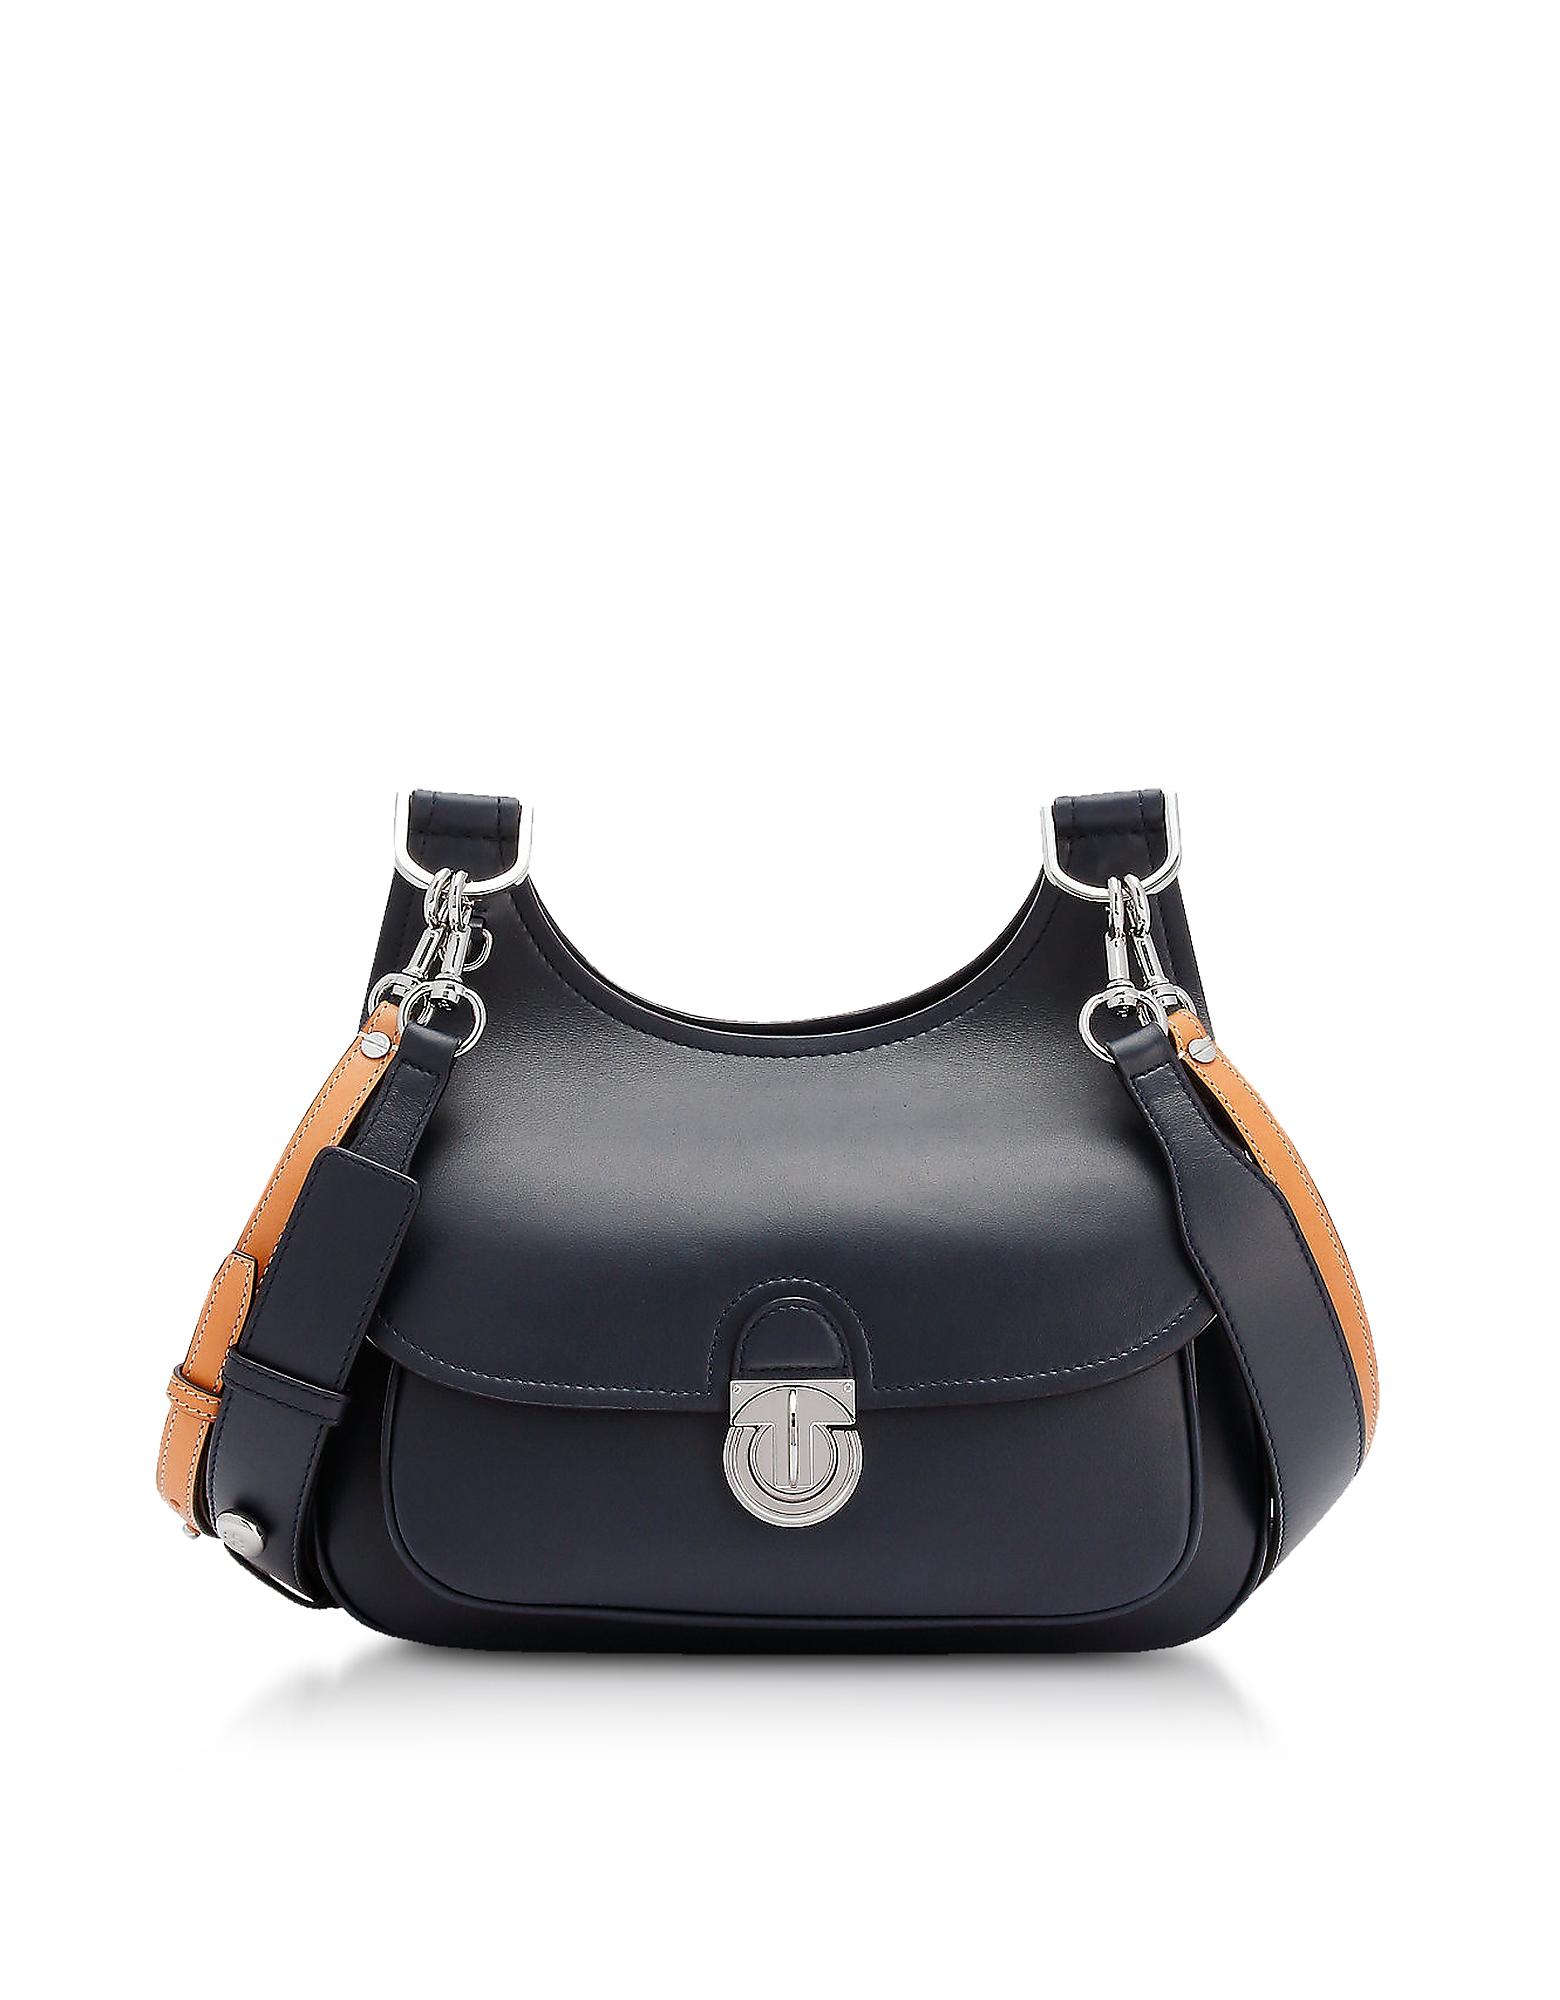 Tory Burch Handbags, Genuine Leather The James Saddlebag